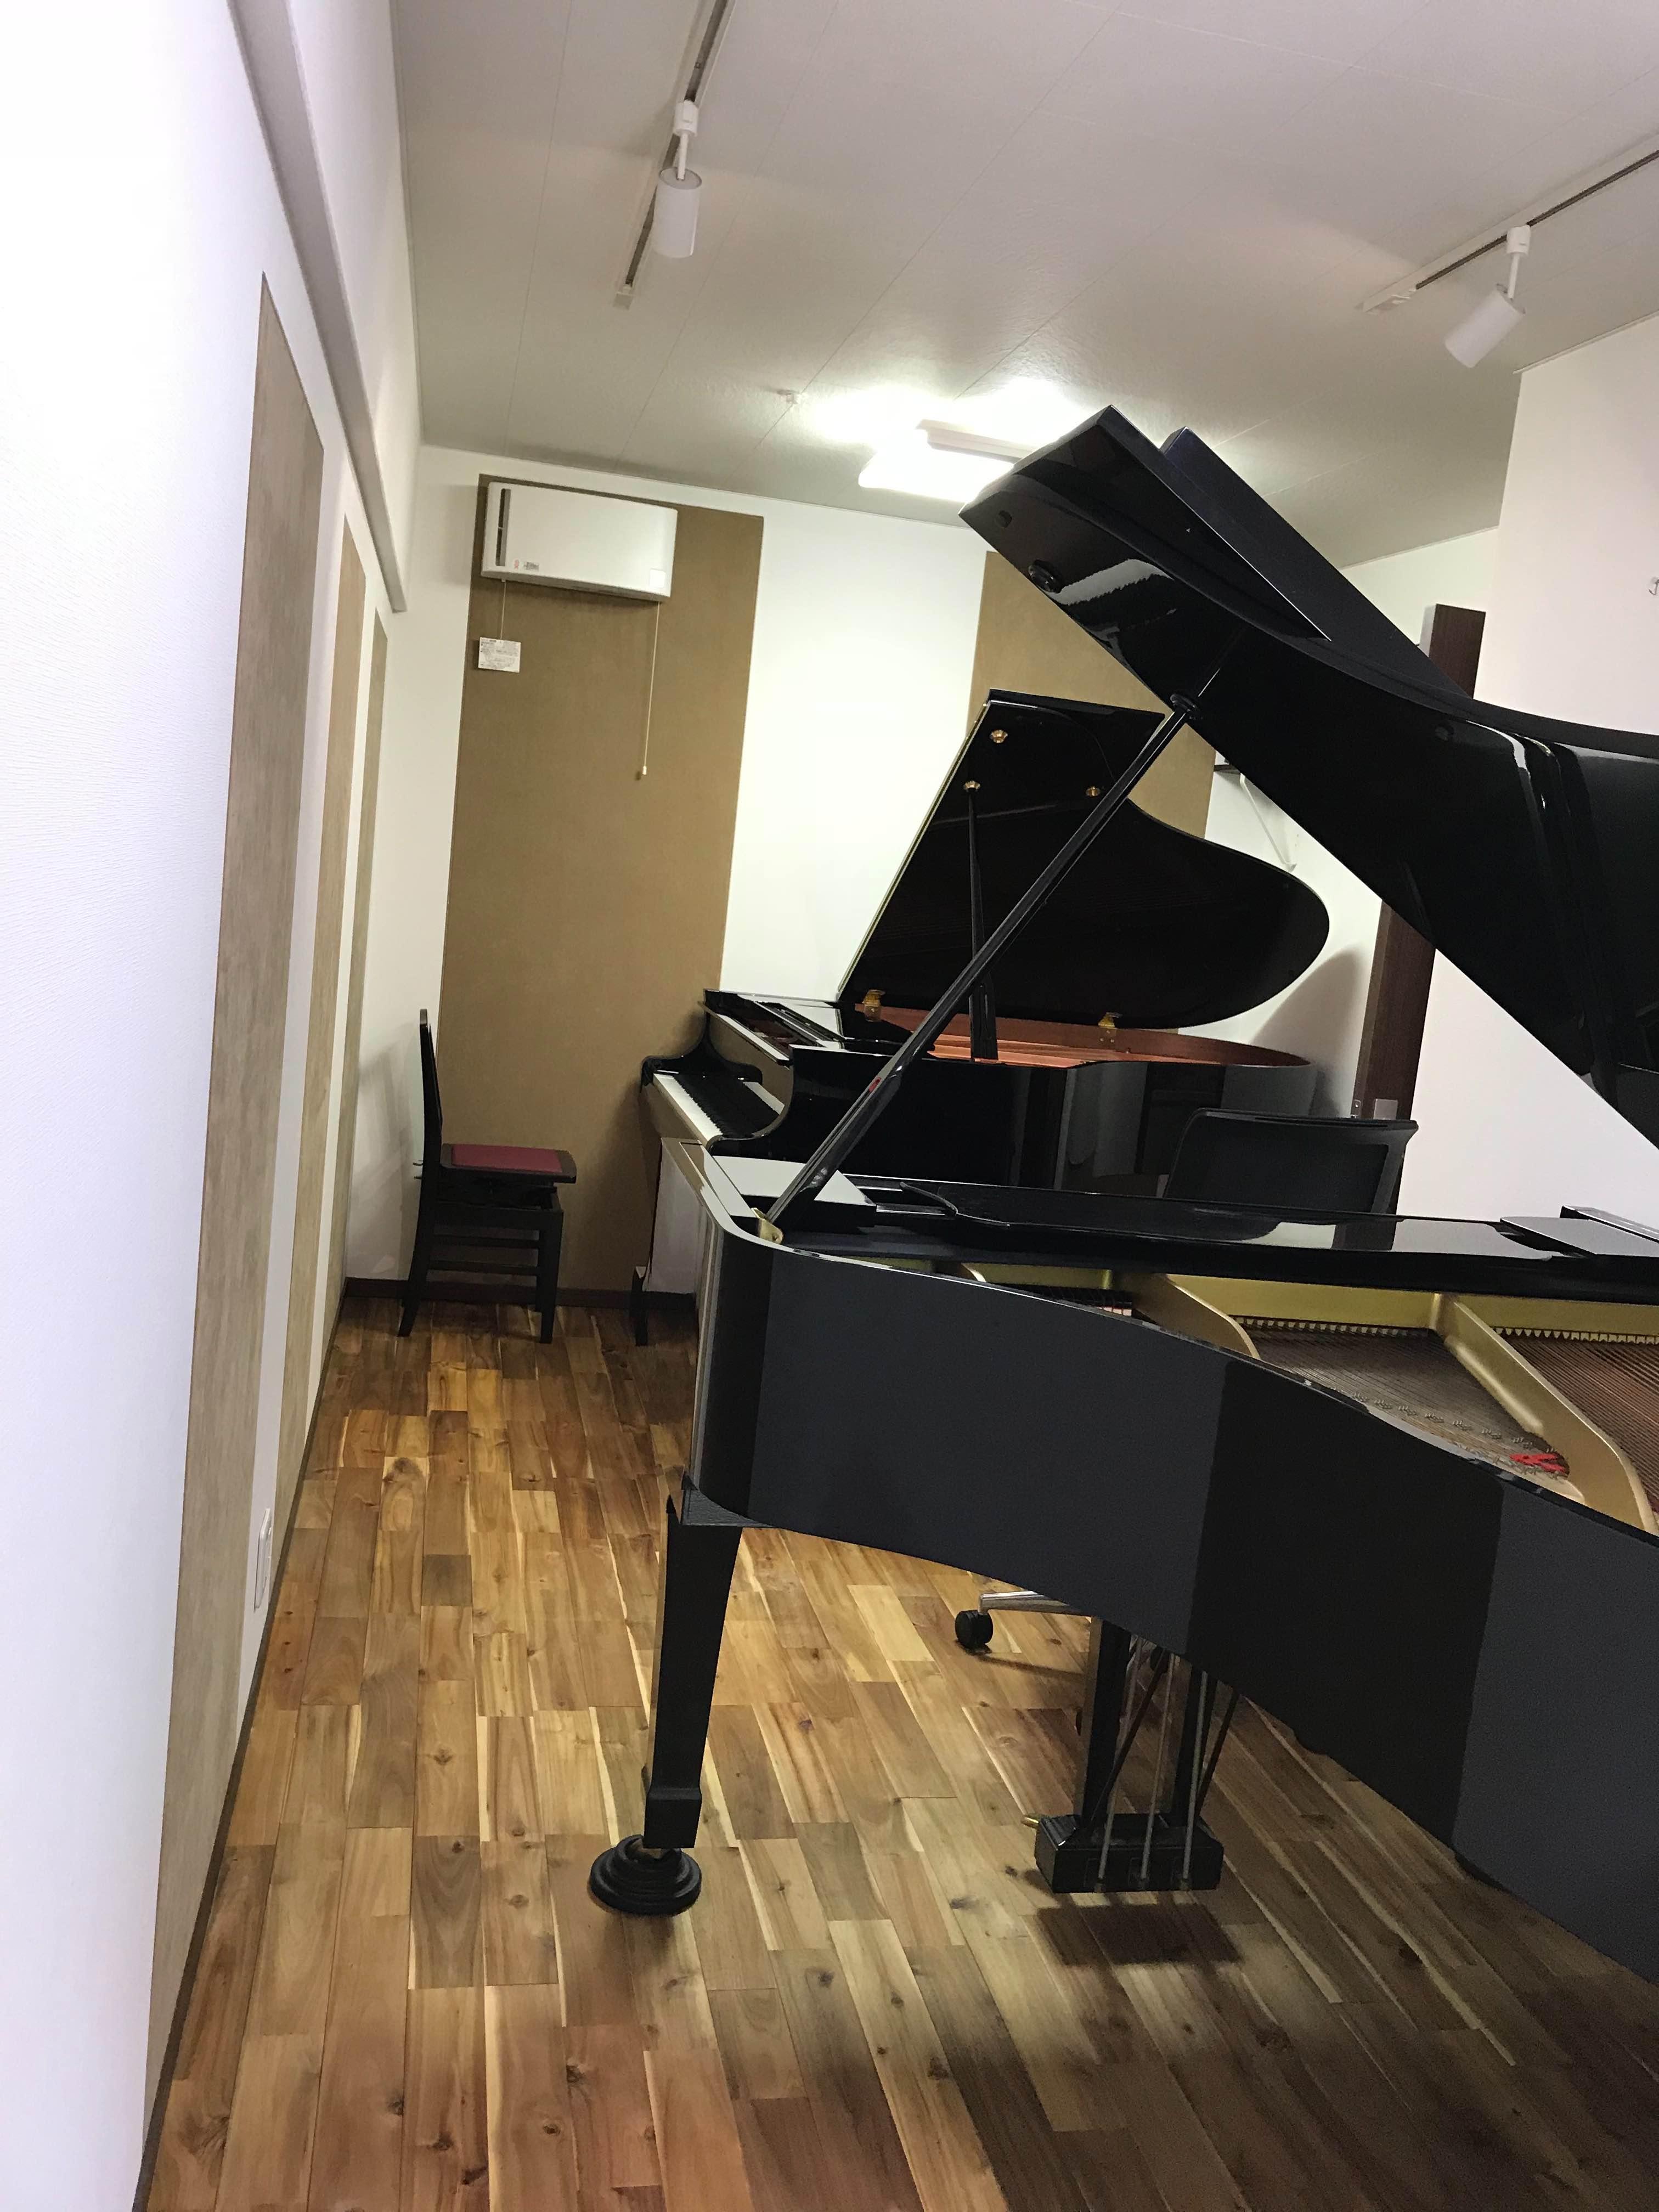 ピアノ教室 おとのひろば 千里丘教室